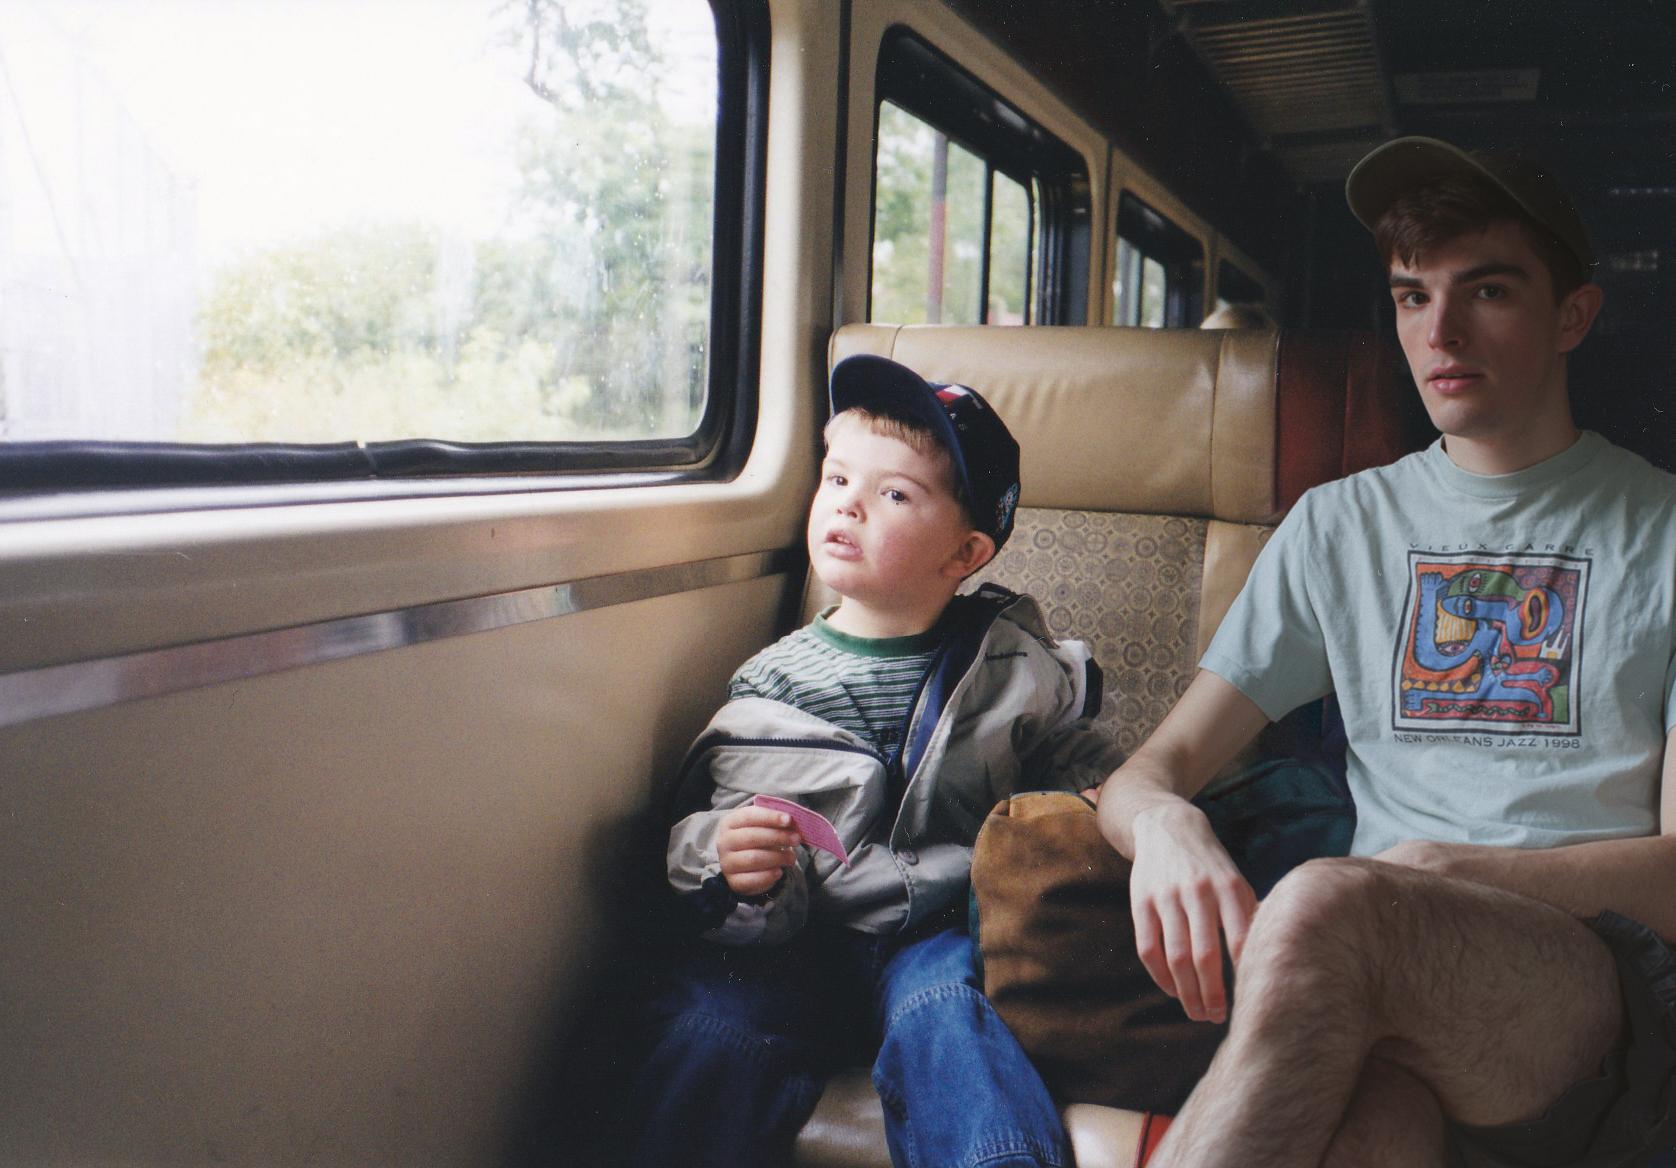 Mały chłopak i mężczyzna wyglądają przez okno pociągu